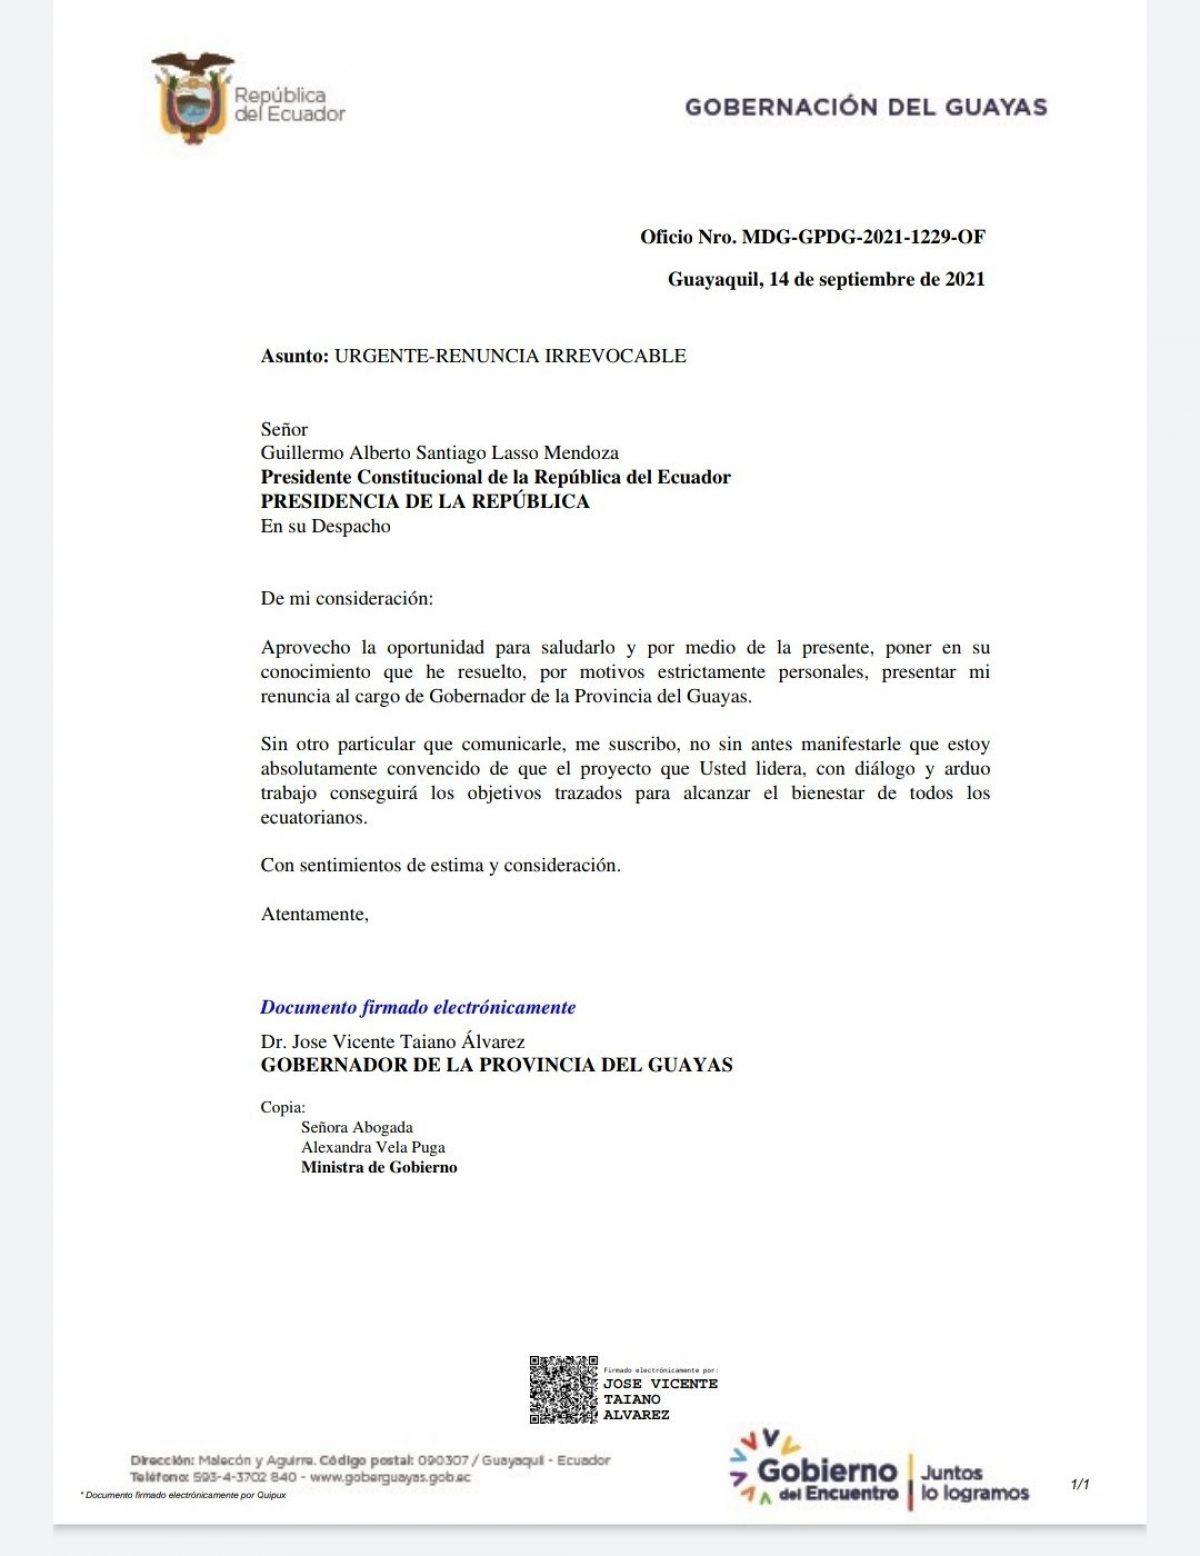 Carta de renuncia del Gobernador del Guayas